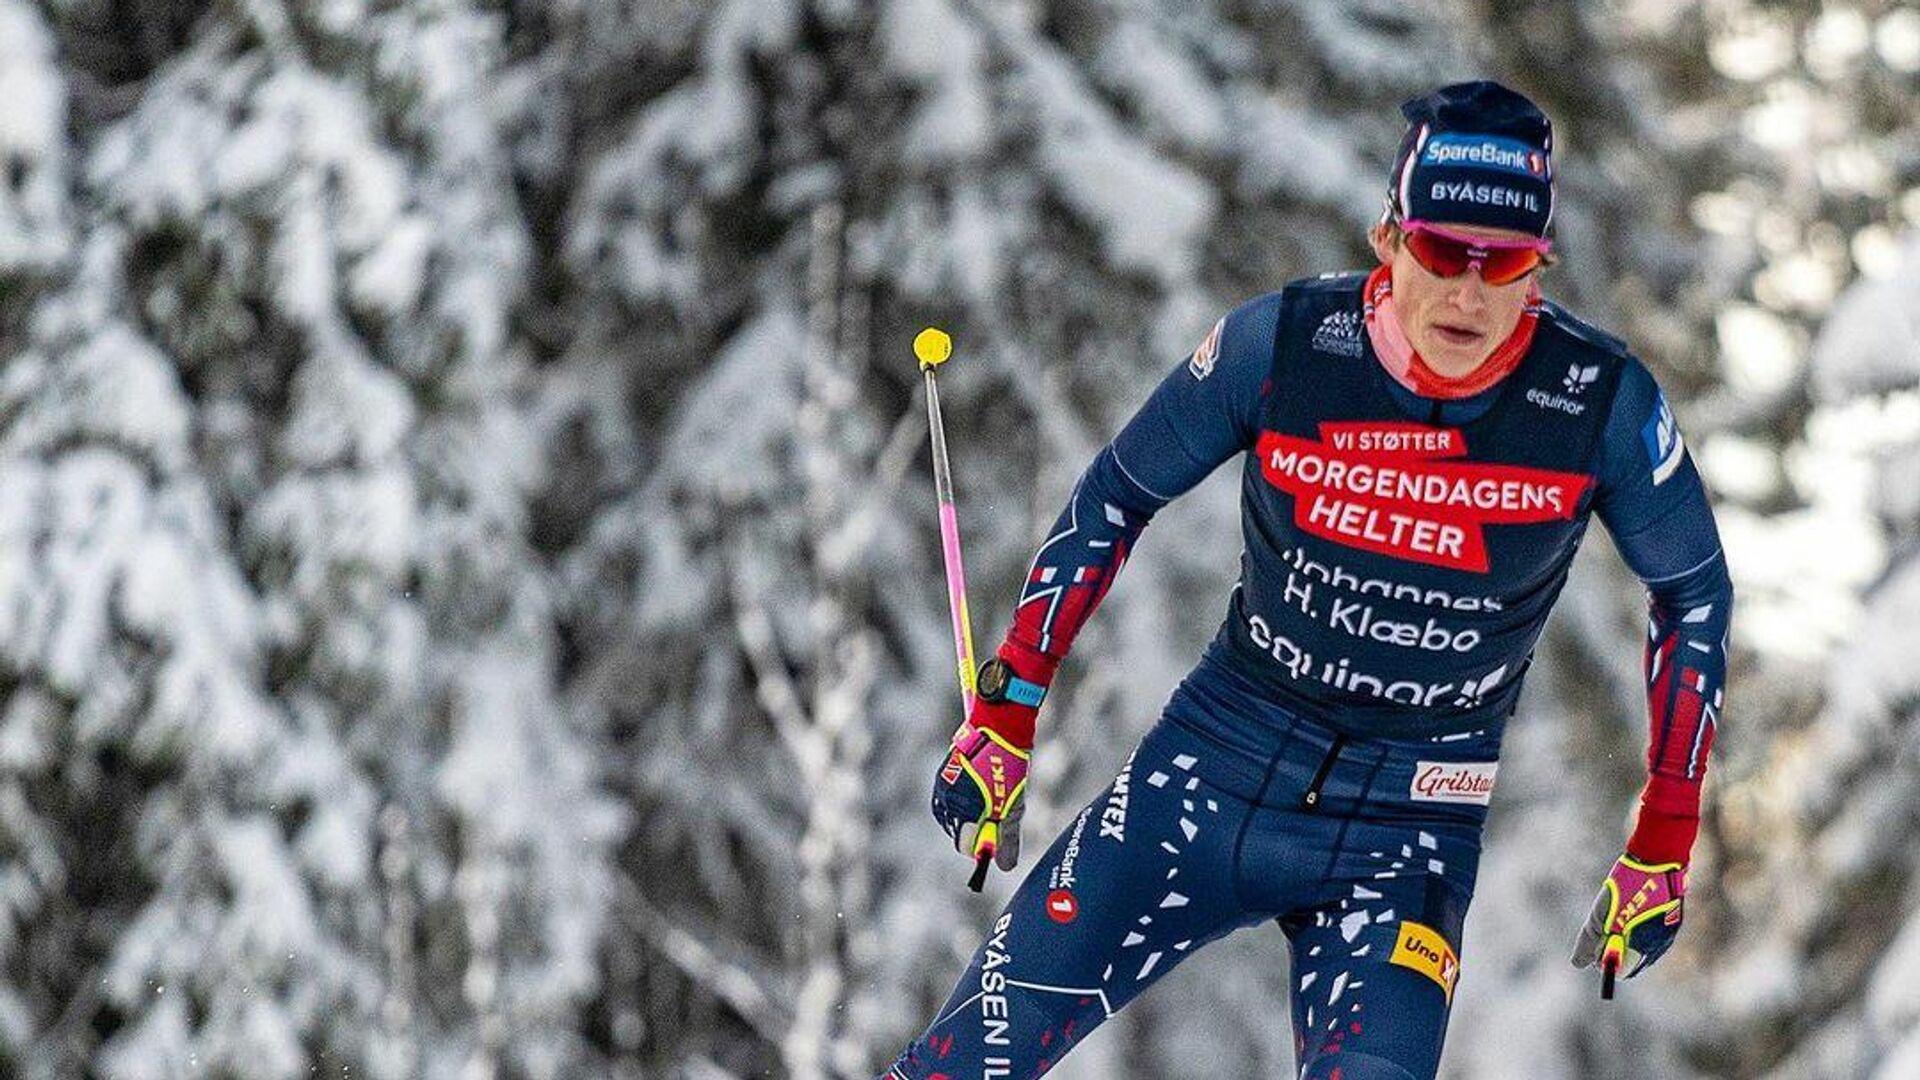 Трехкратный олимпийский чемпион по лыжным гонкам Йоханнес Клебо - РИА Новости, 1920, 02.03.2021